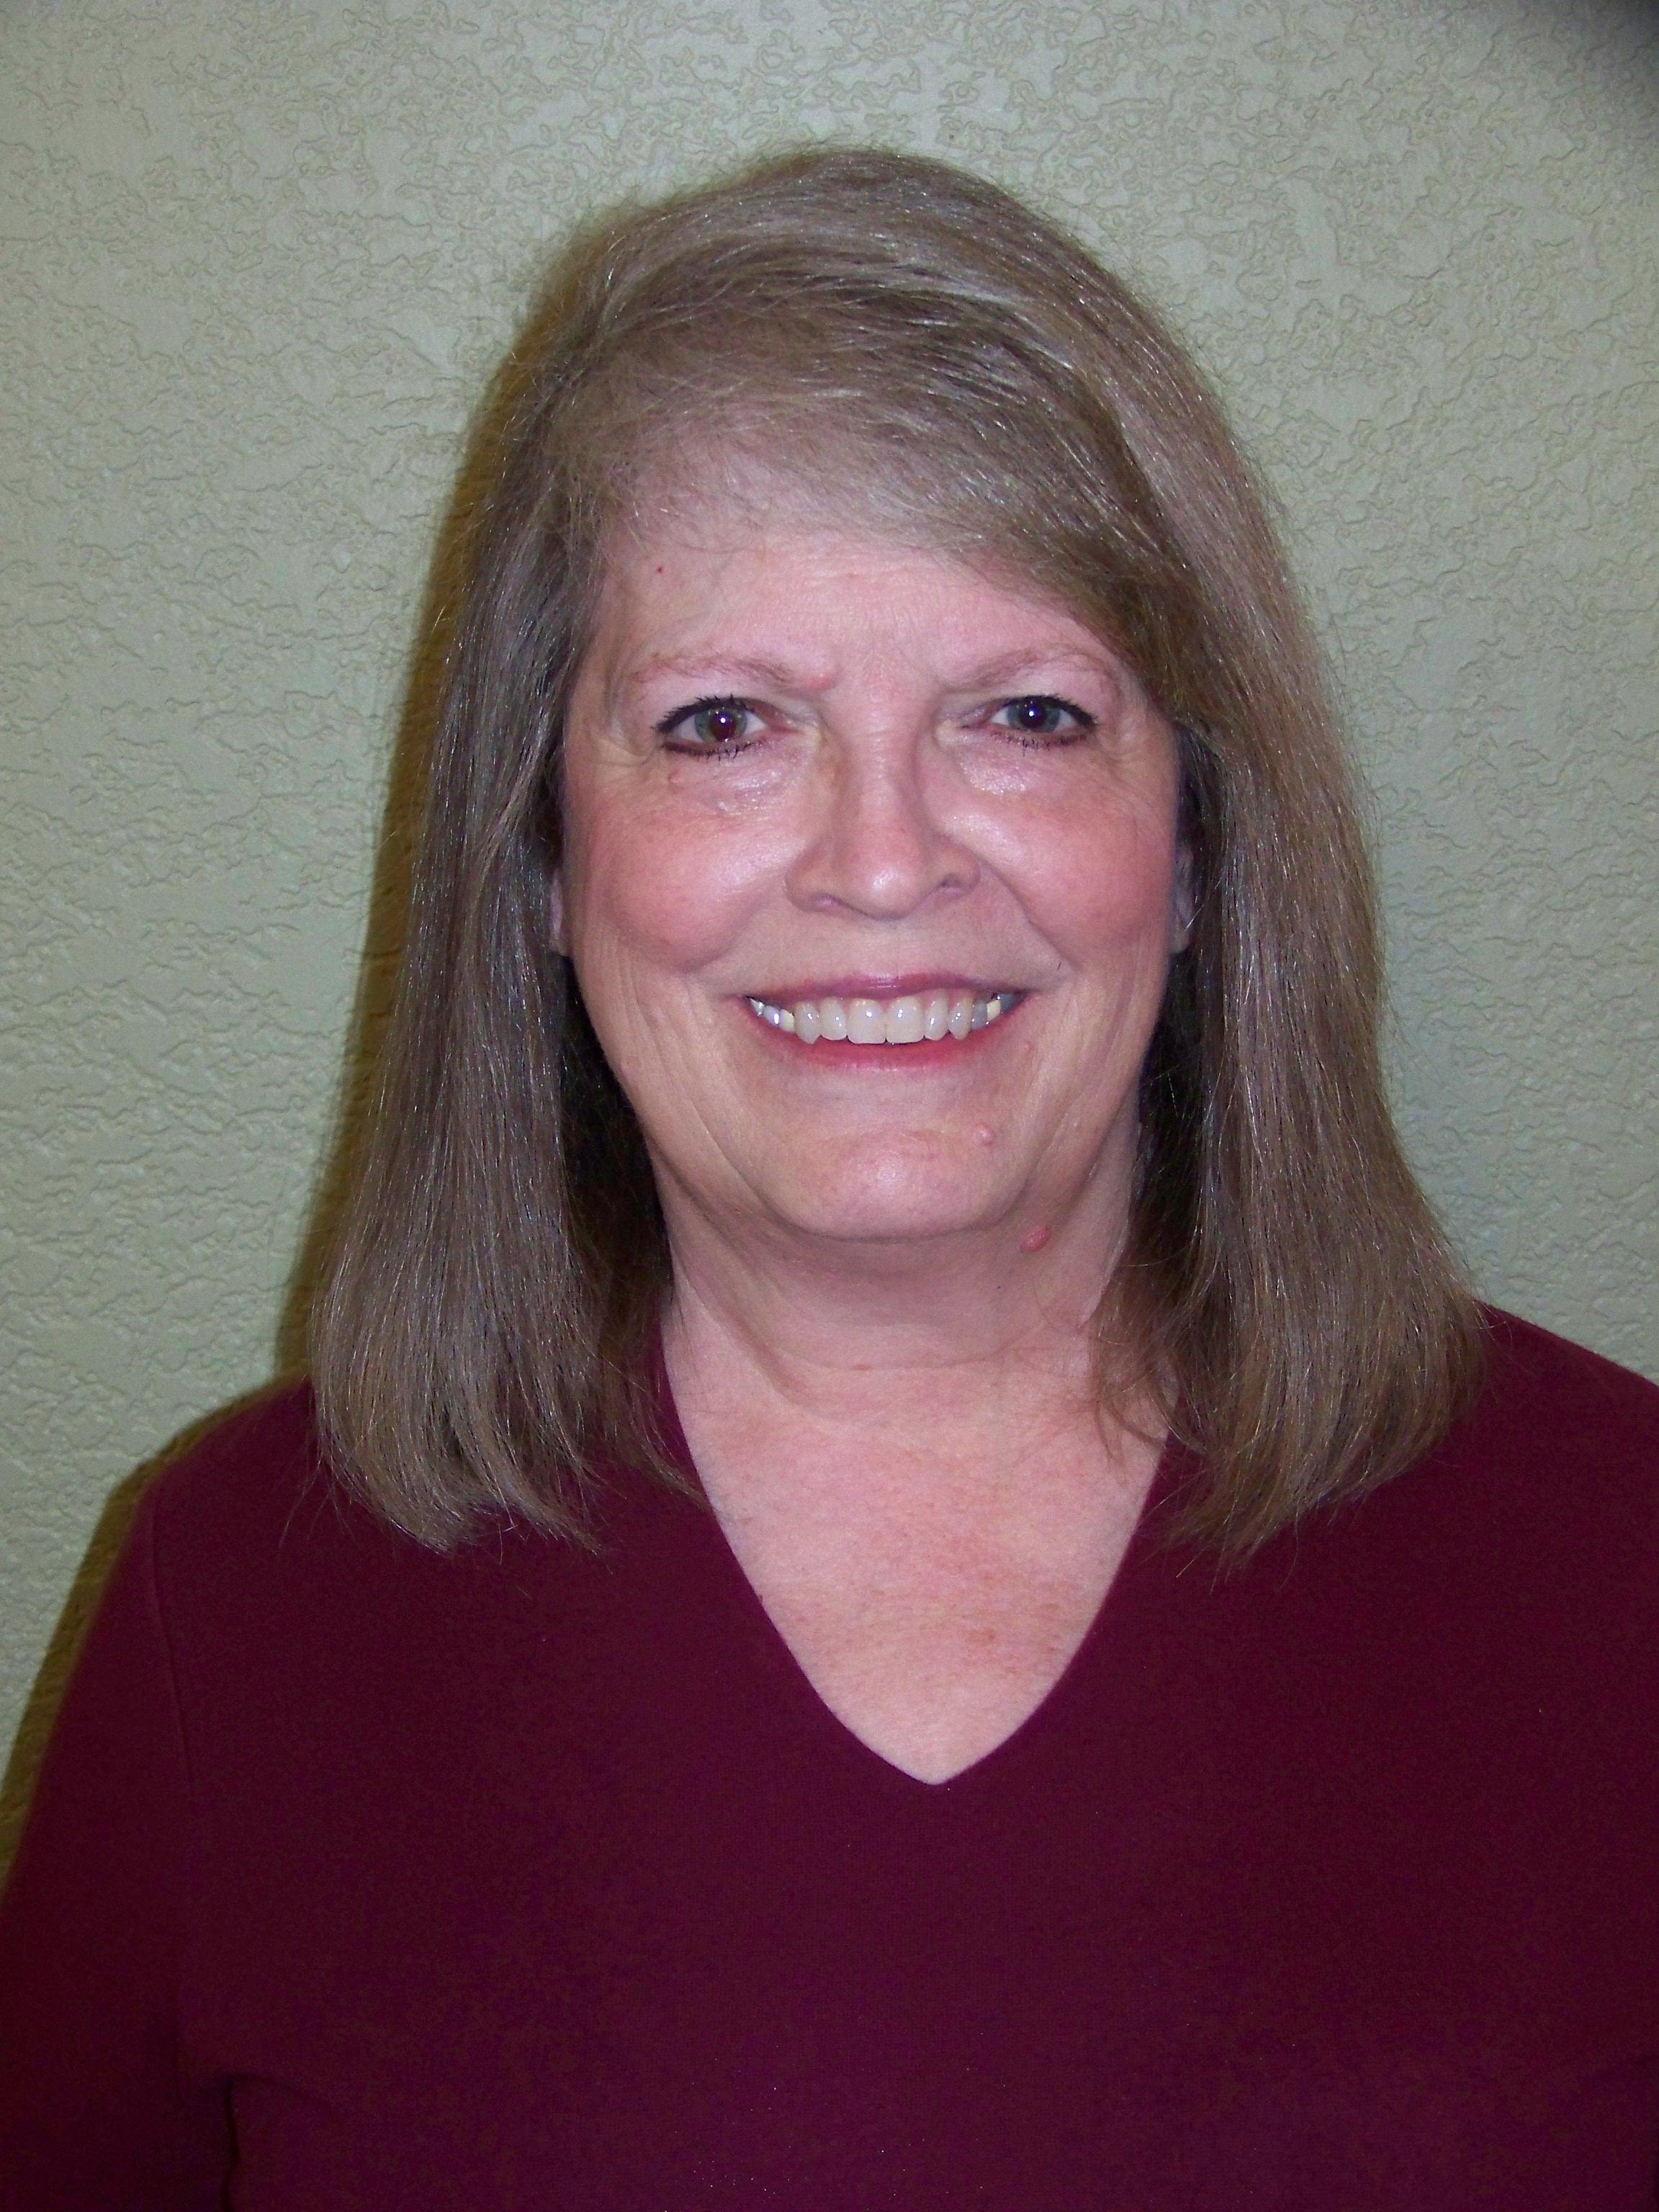 Darlene Ensenat